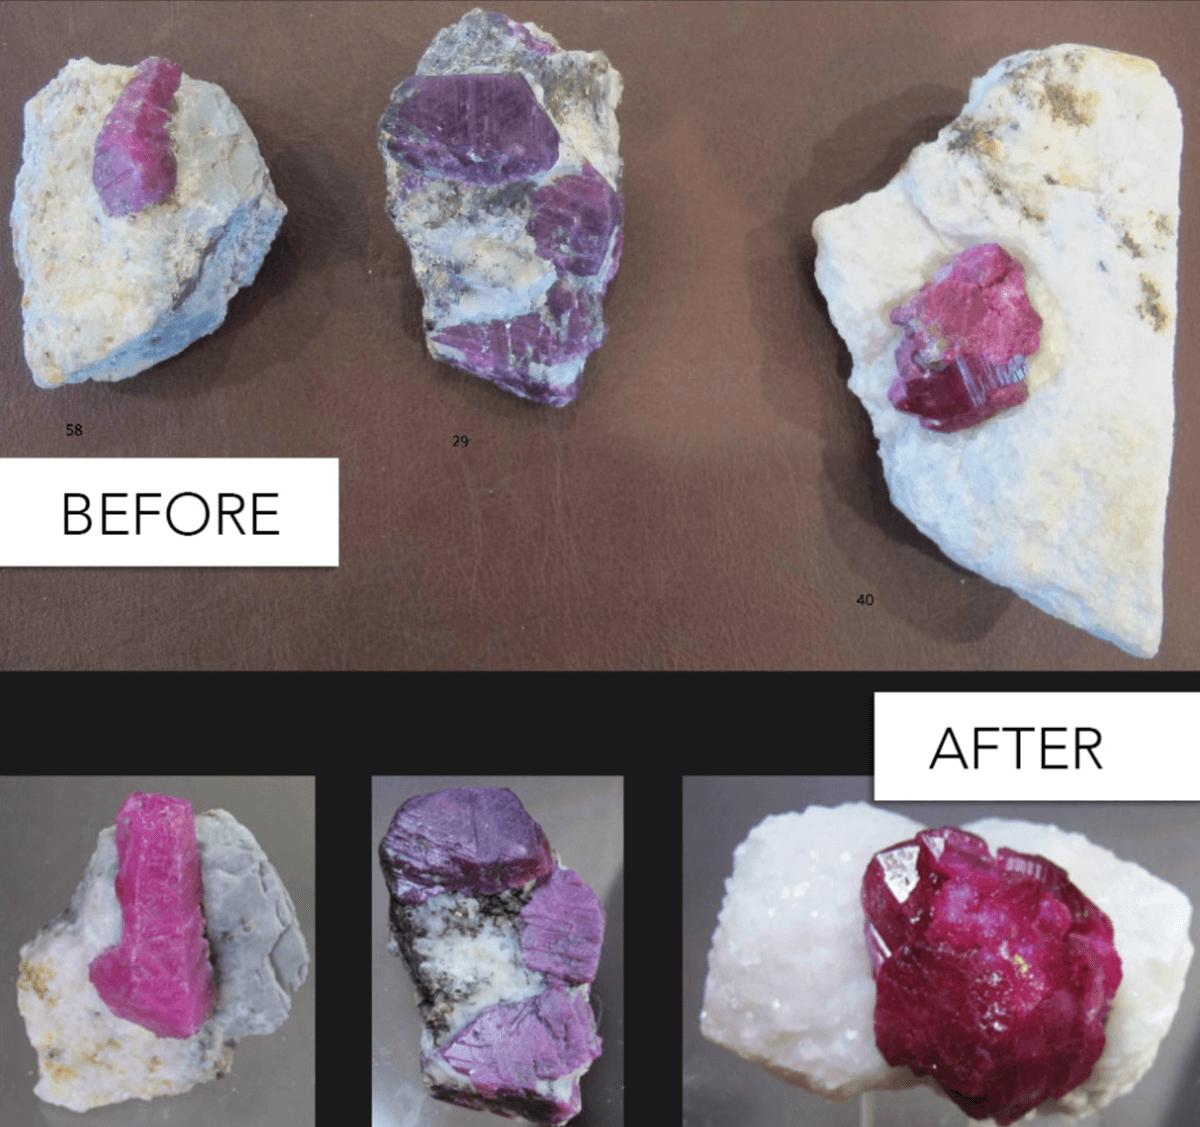 Cal Graeber Minerals Image